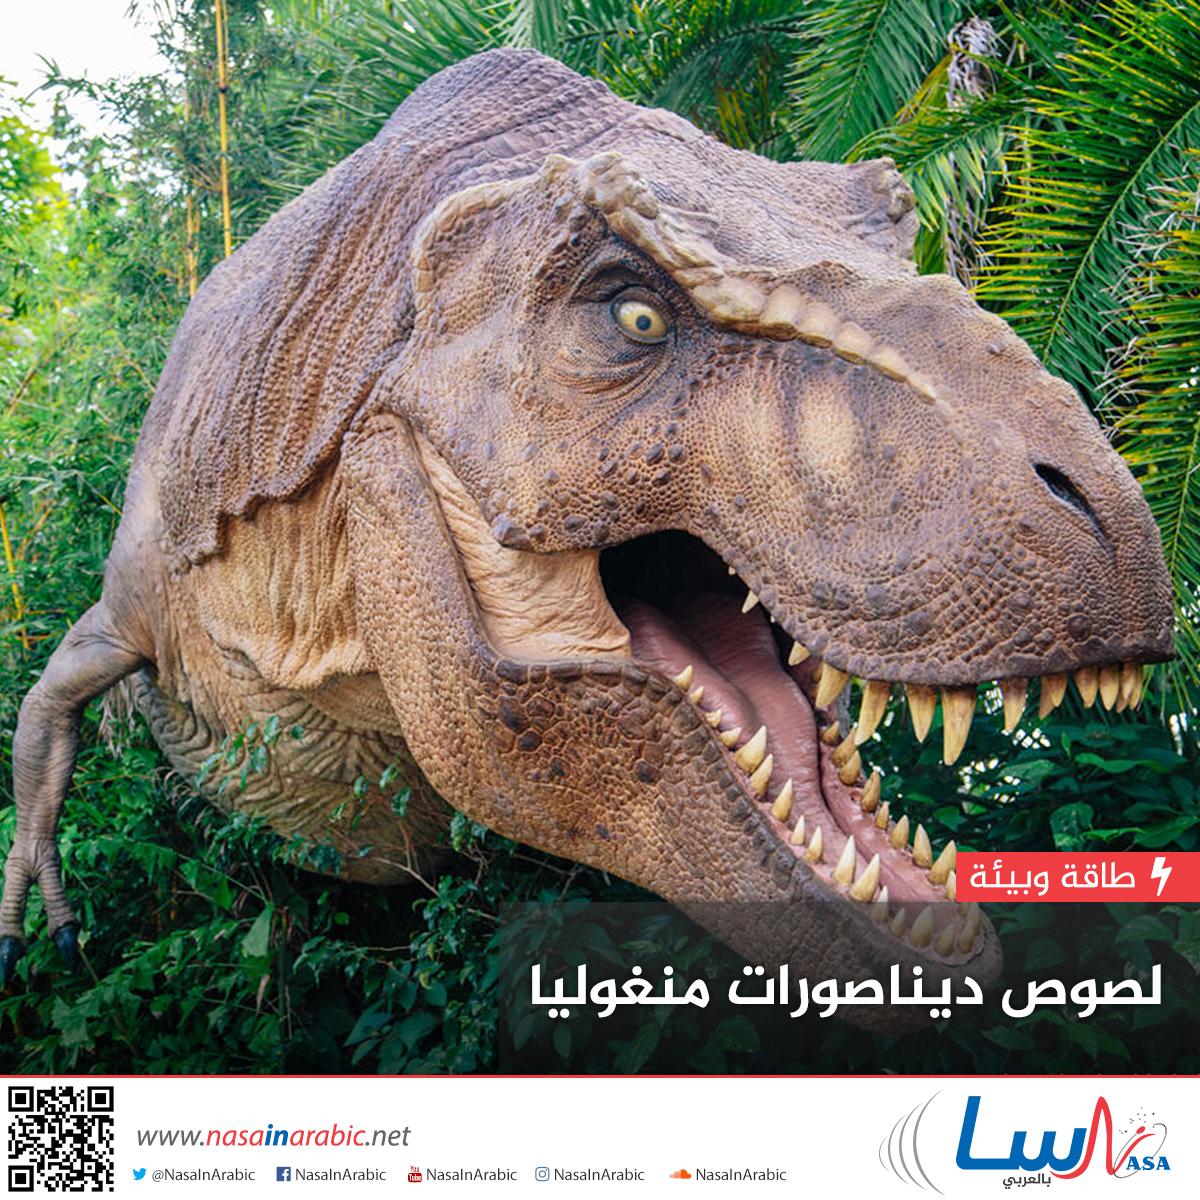 لصوص ديناصورات منغوليا